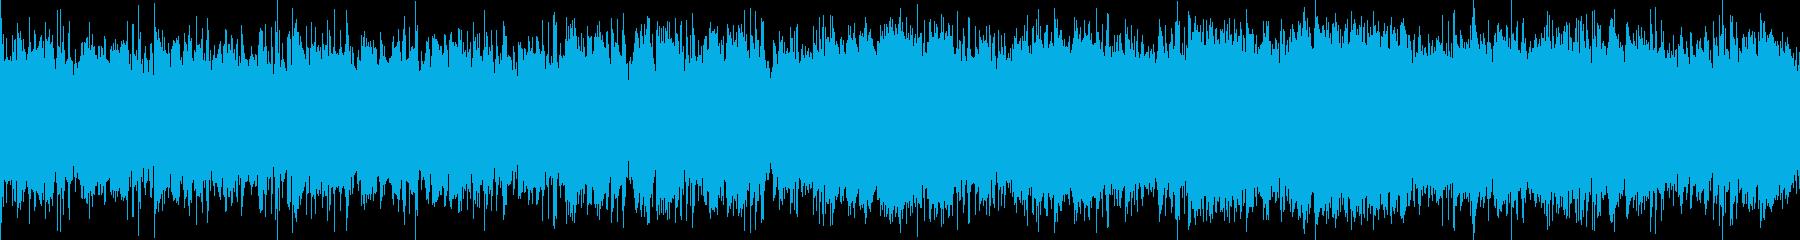 アイリッシュ調の陽気なLoop物インストの再生済みの波形